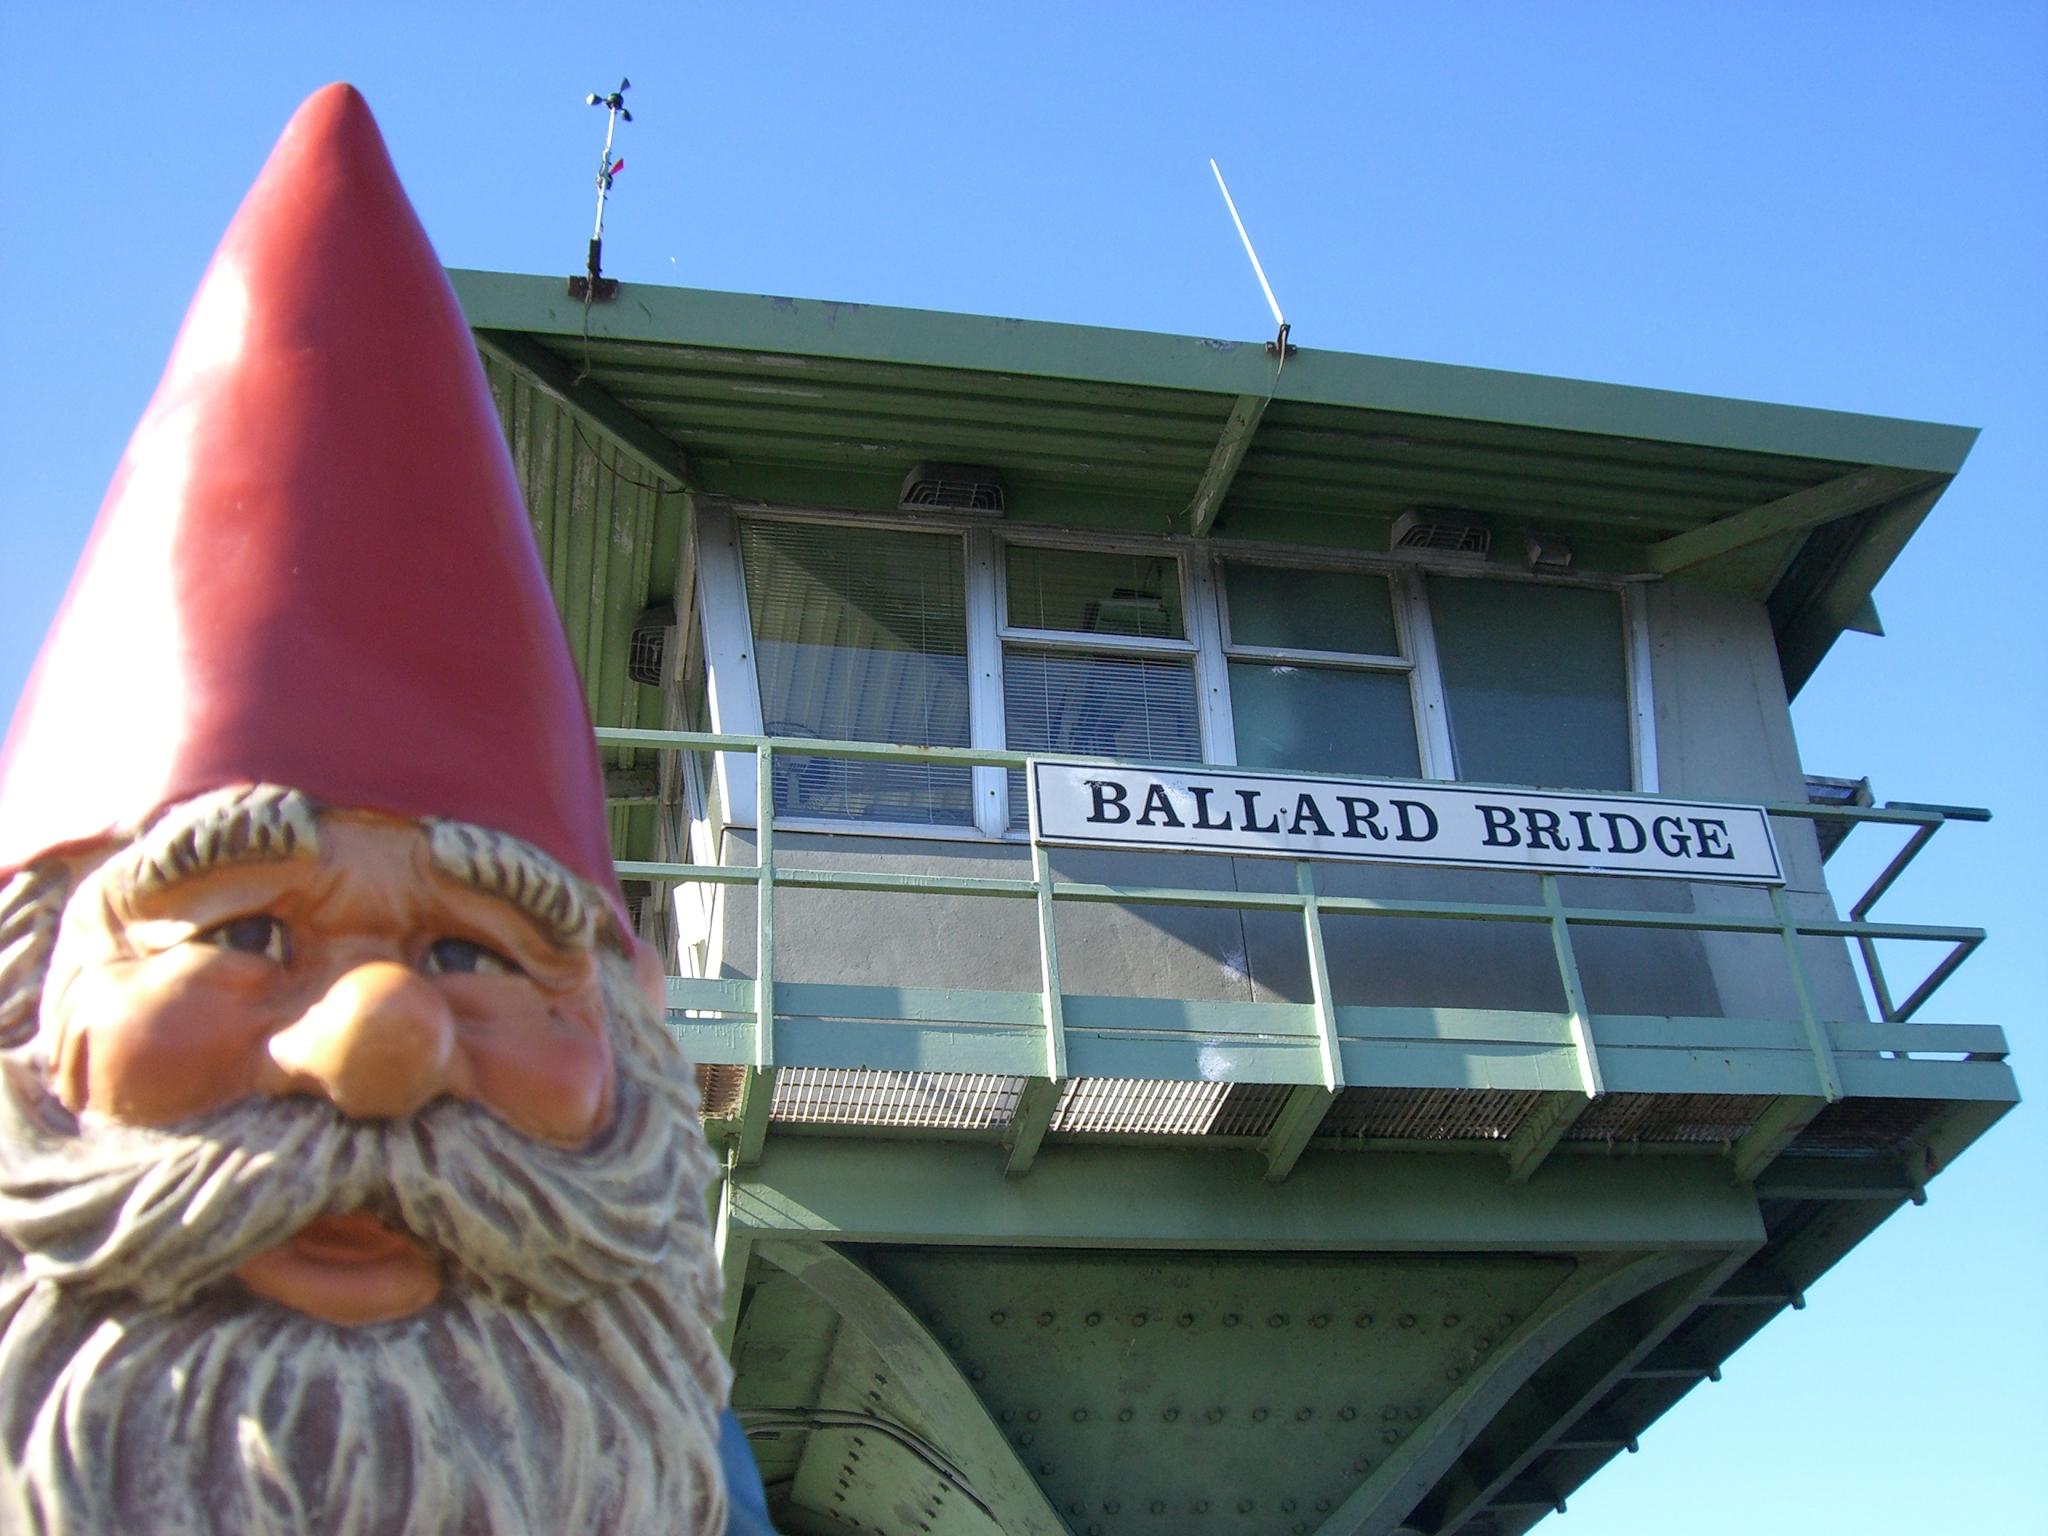 Ballard Bridge (BAL-BR)